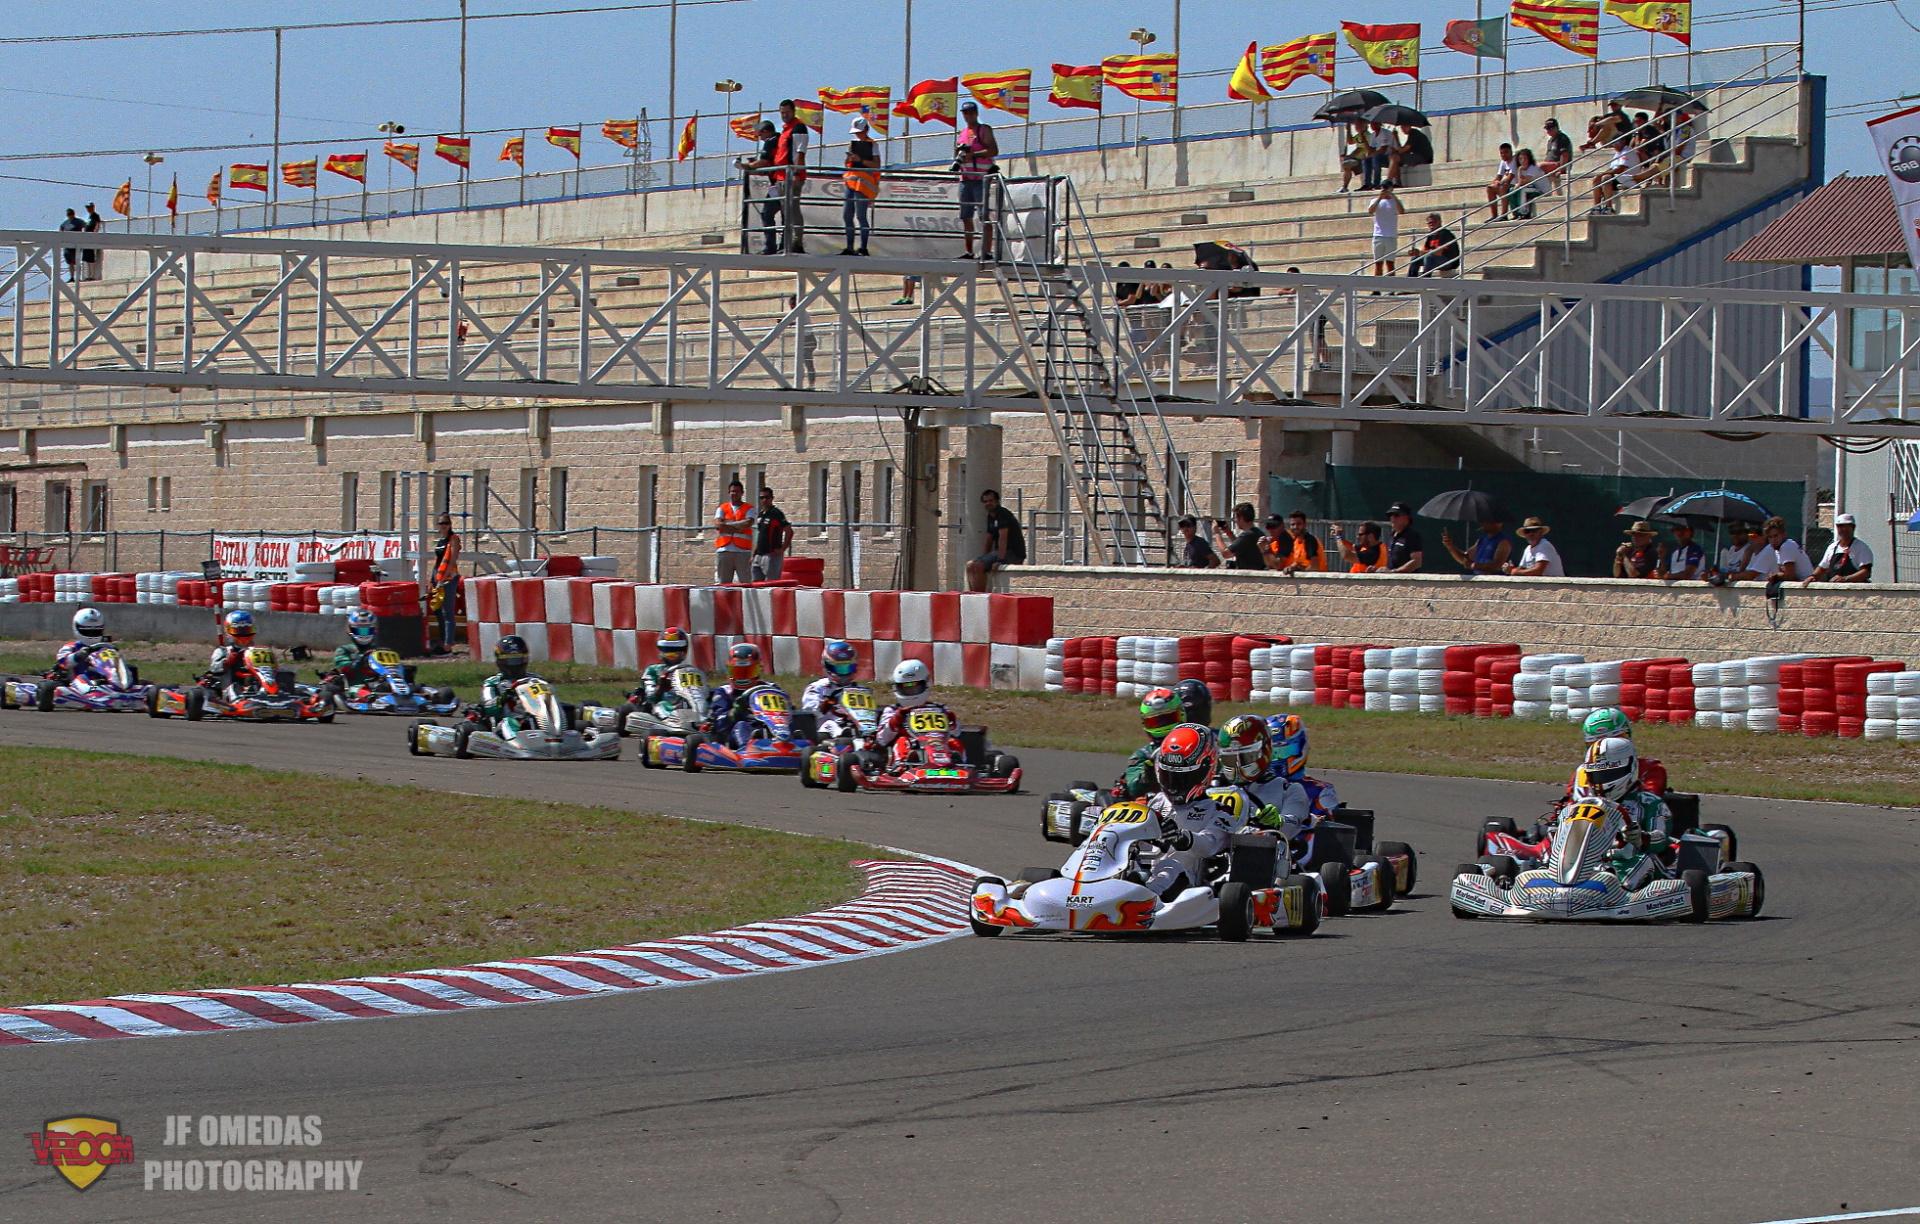 Las plazas para las Rotax Grand Finals 2021 en juego a prueba única en Zuera